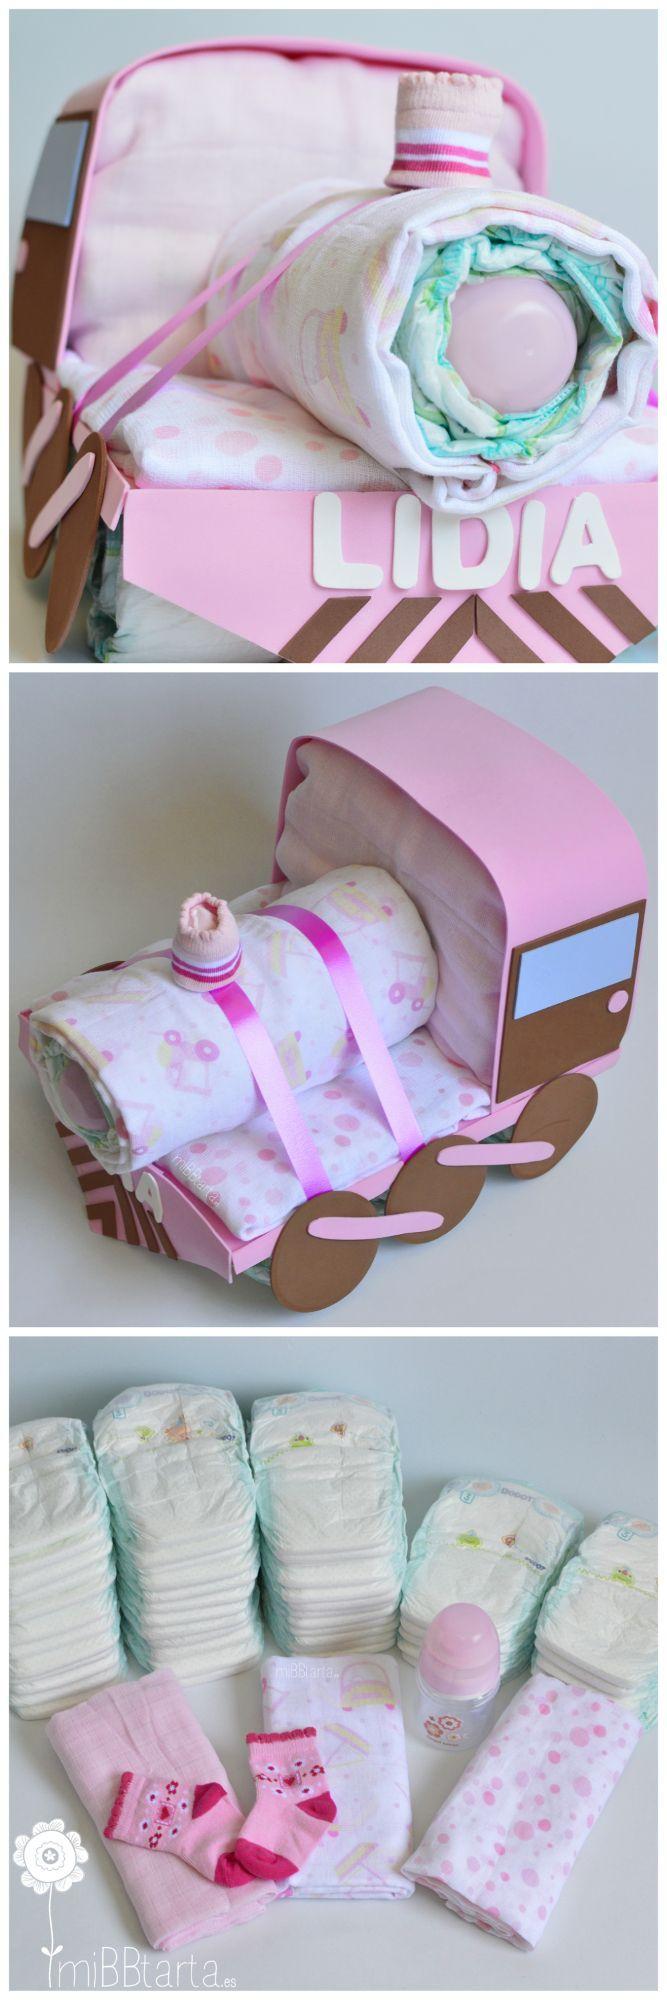 ¿Te gusta este tren de pañales? Un montón de pañales y otros detallitos con una forma original. Esta bonita tarta de pañales puedes encontrarla en https://mibbtarta.es/producto/tren/ y si quieres ver coches de pañales, motos de pañales, aviones, barcos y muchas figuras de pañales con canastillas de bebé visita nuestra tienda online www.mibbtarta.es #trendepañales #canastilla #babyshower #regalonacimiento #regalobebe #cestanacimiento #cestabebe #regalosoriginales #tartadepañales…